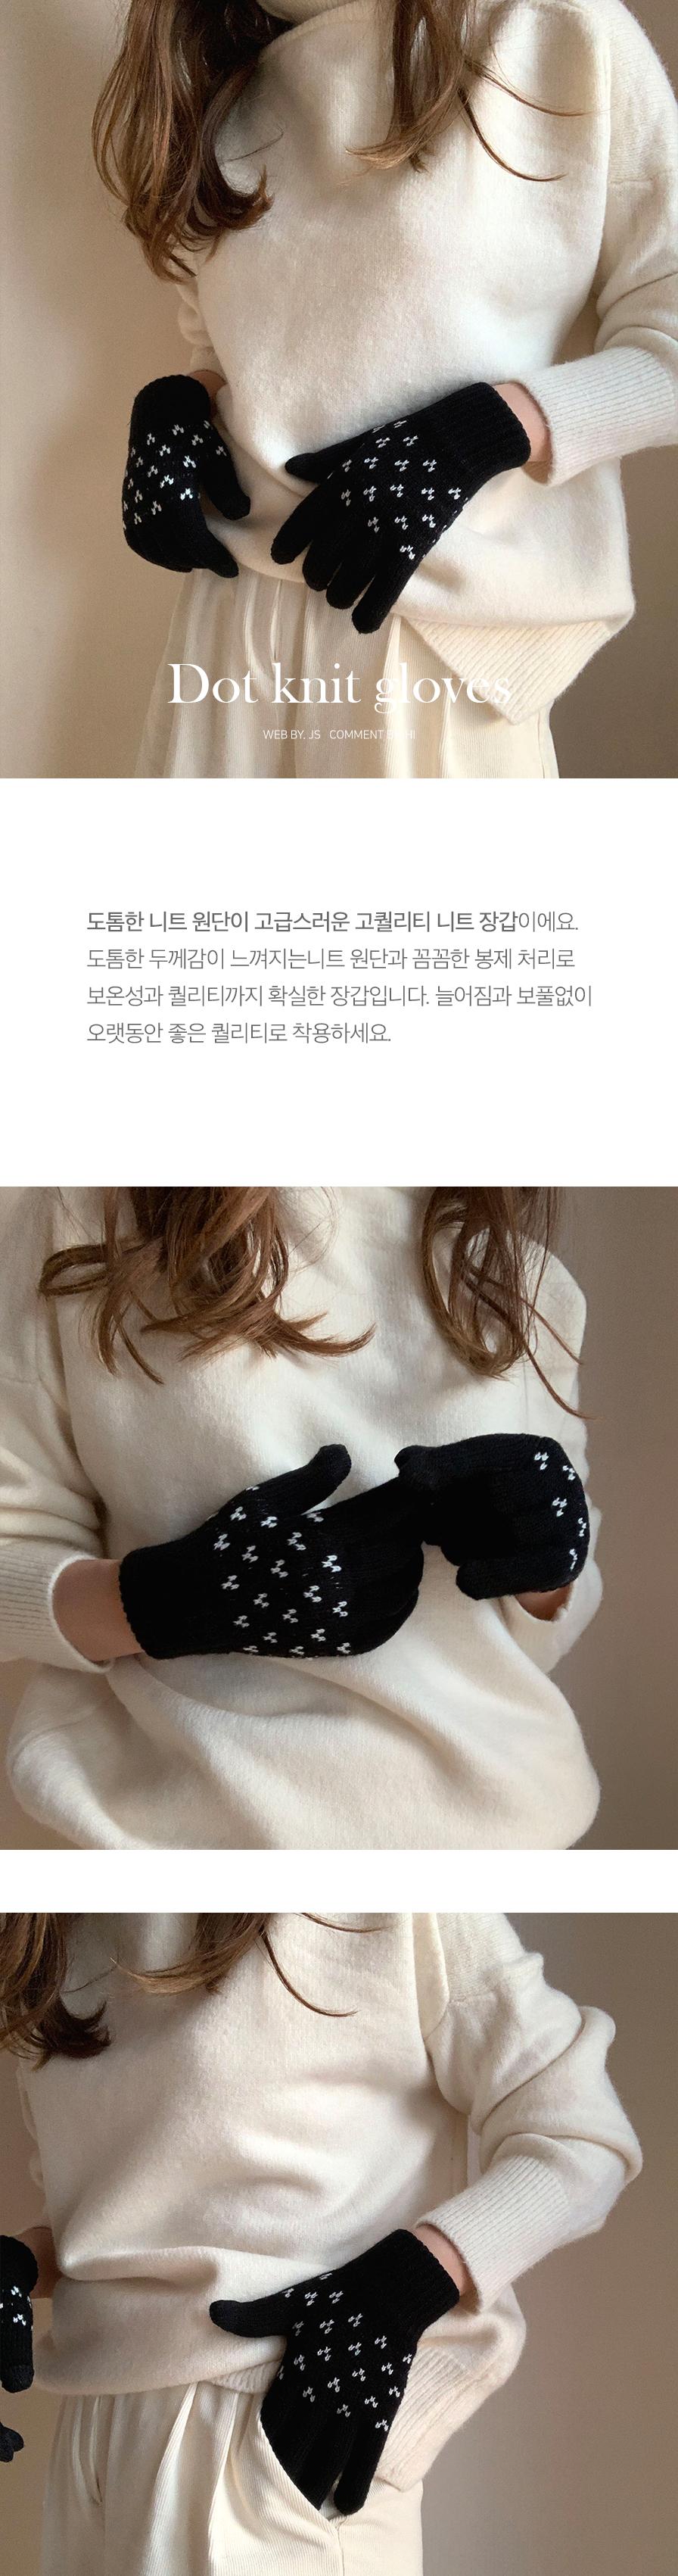 도트 니트 스마트폰 장갑 남여공용 - (주)아르뉴, 7,120원, 장갑, 스마트폰장갑